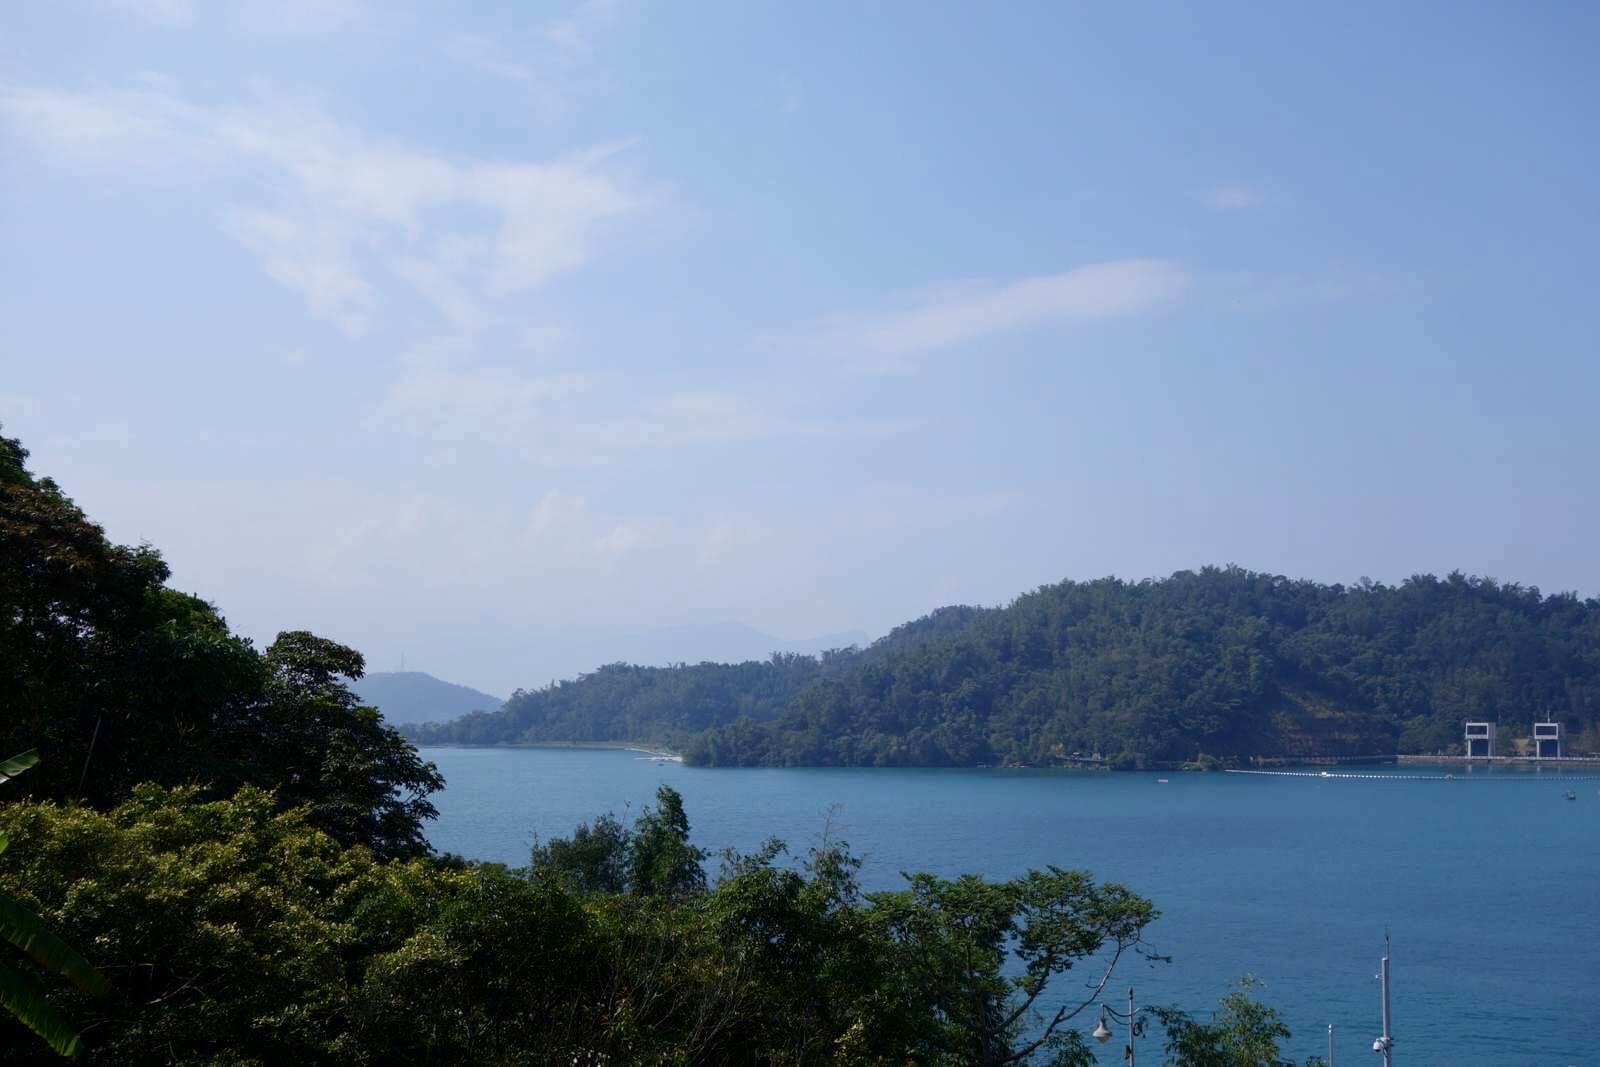 日月潭,这个打小就从小学小学上了解到的台湾风景名胜,大陆课本必去中心升平游客图片